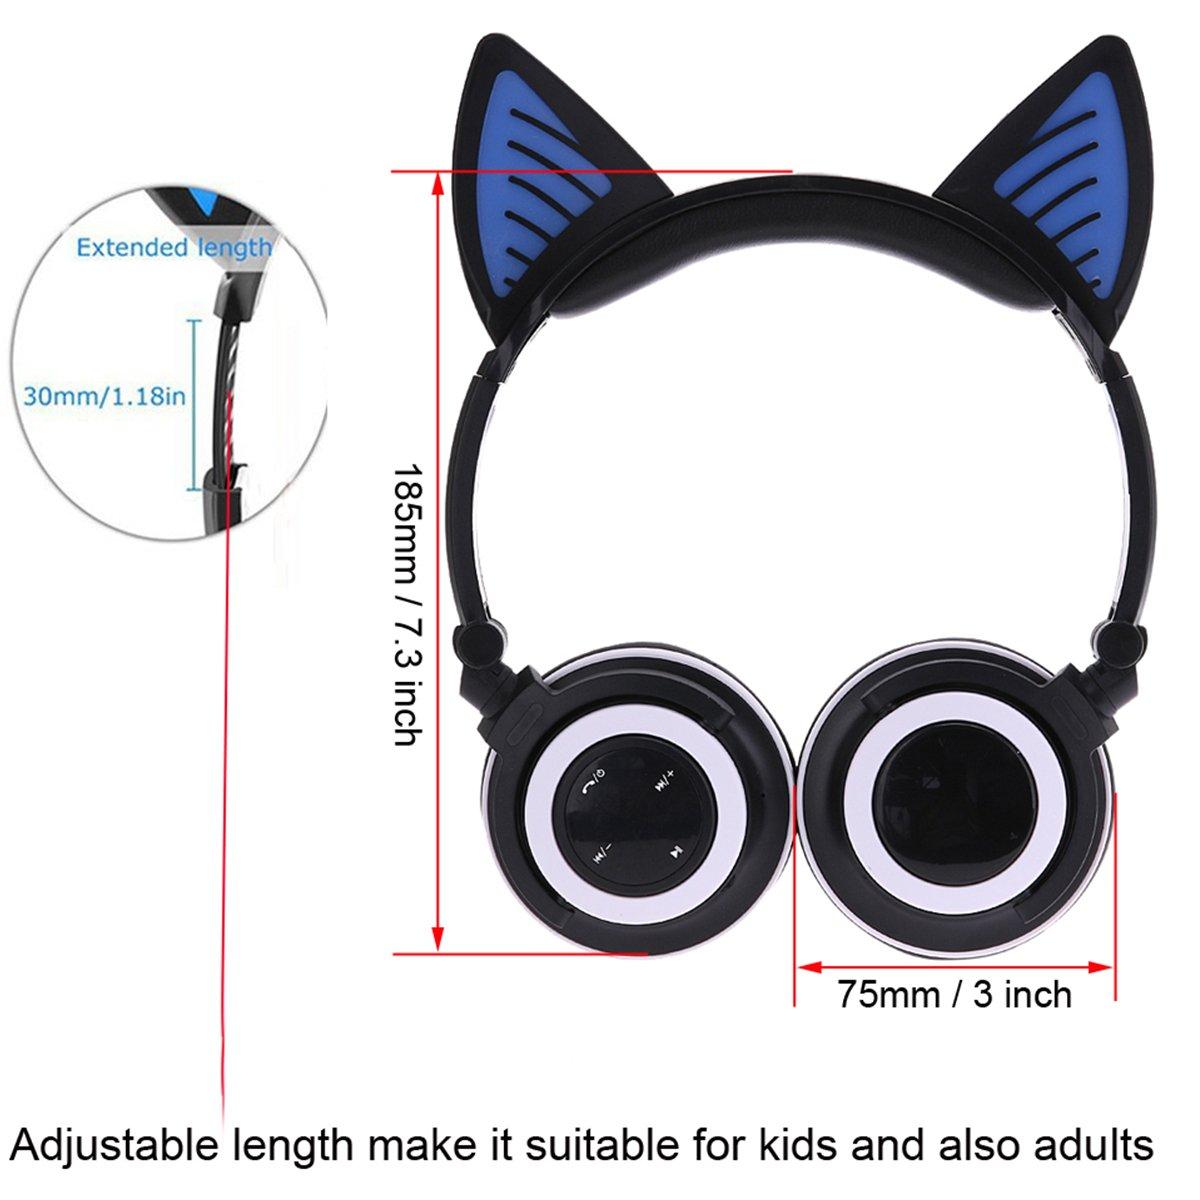 LIMSON Cat Ear Kopfhörer für Kinder mit: Amazon.de: Elektronik